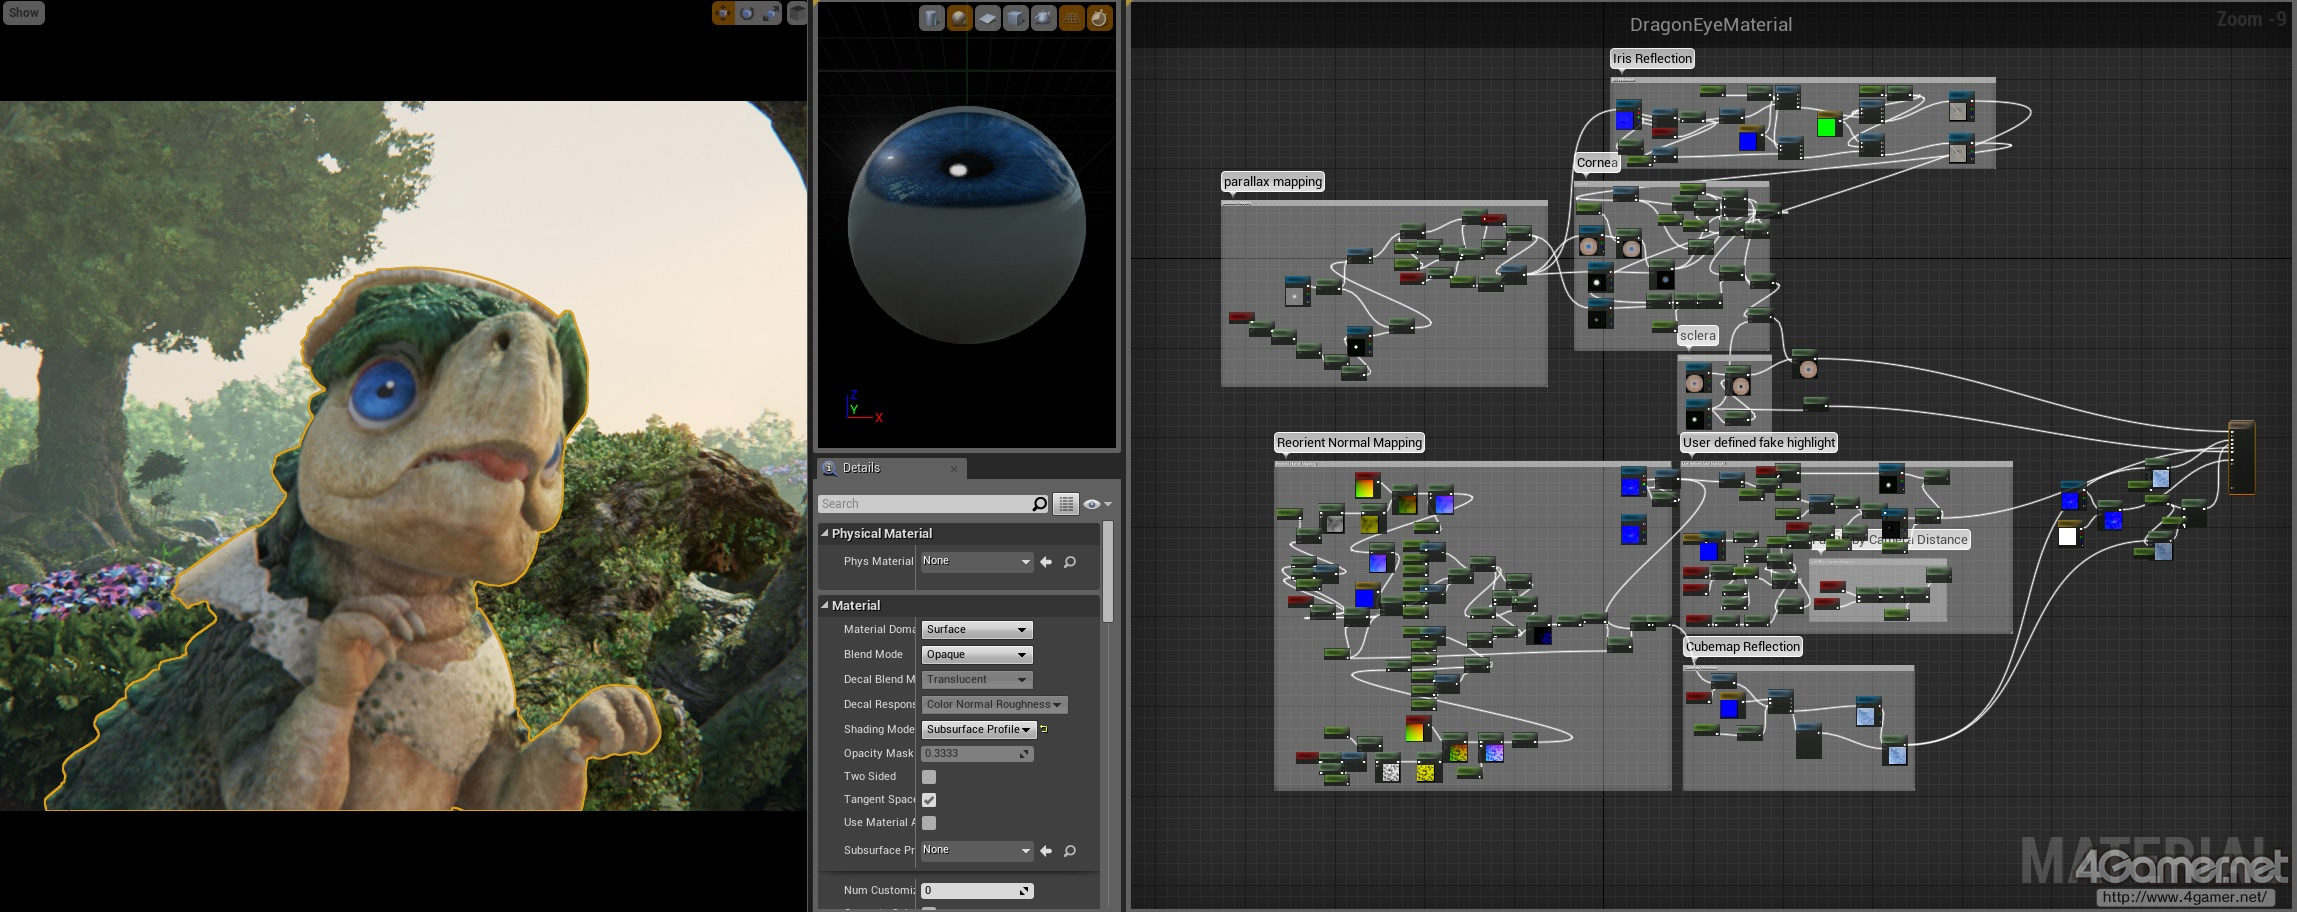 SEGA's Marza studio demos Unreal Engine 4 animations » SEGAbits - #1